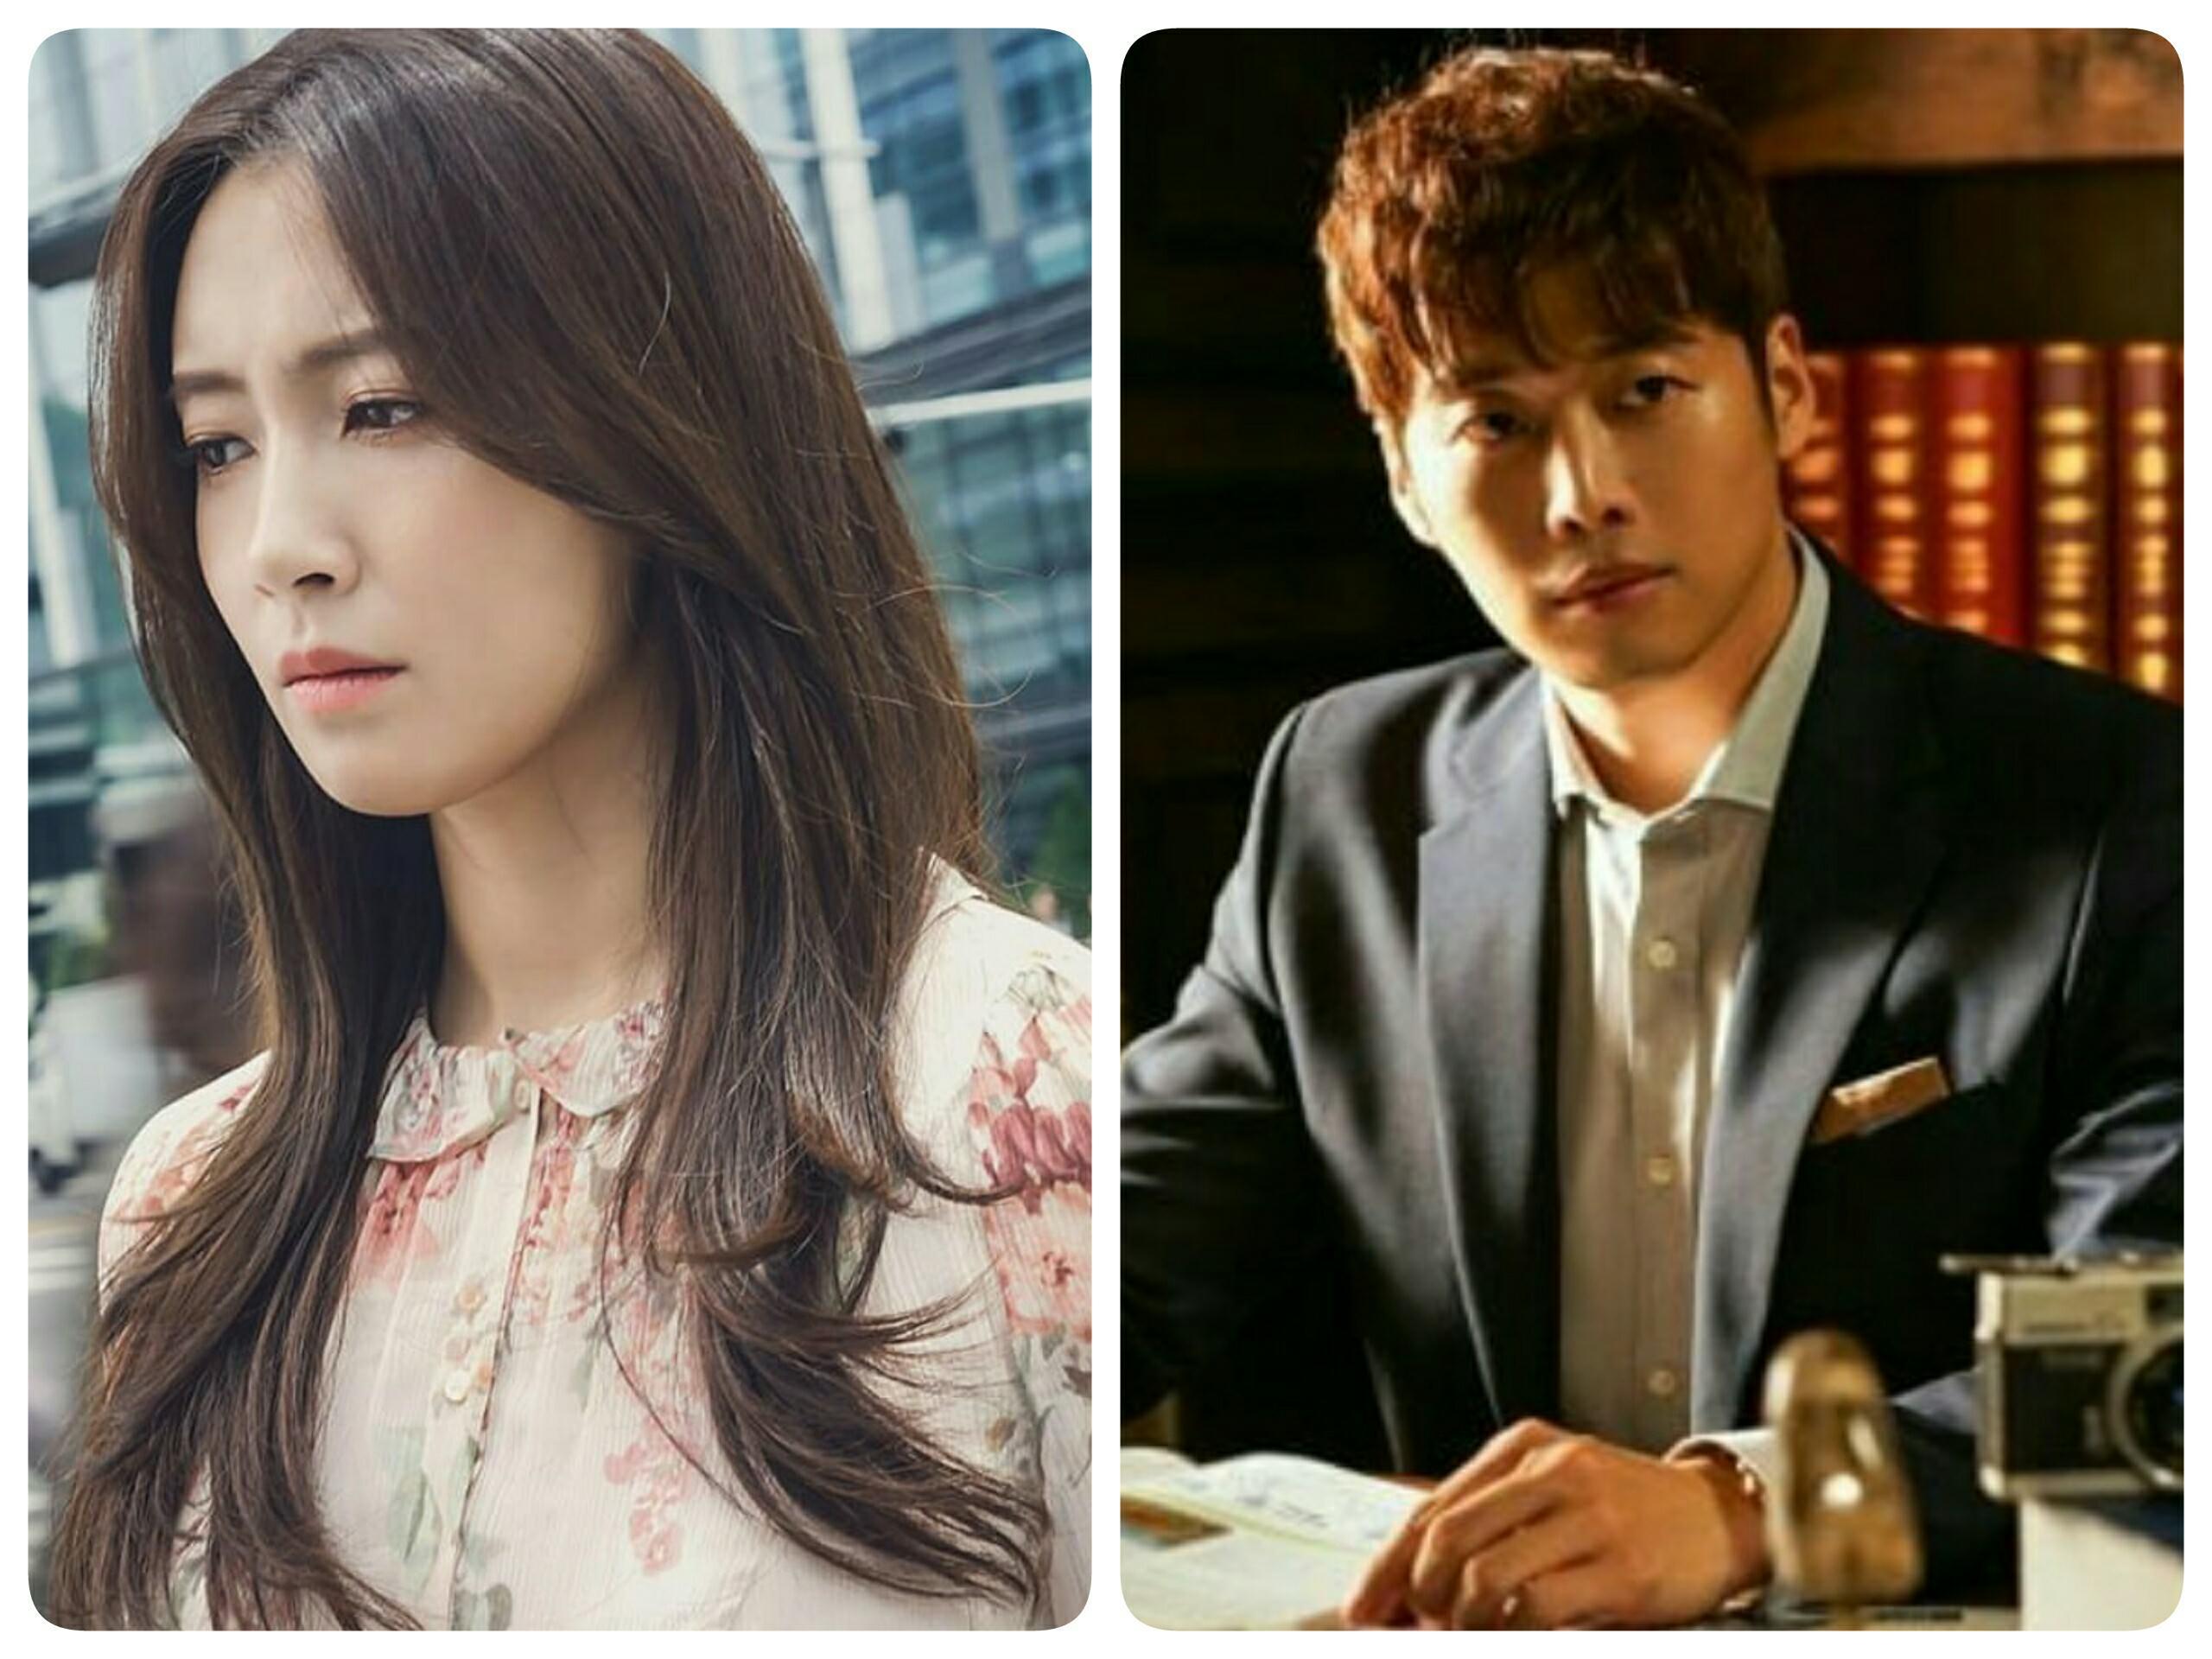 #情報 7月即將上檔的10部韓劇 - 戲劇綜藝板 | Dcard